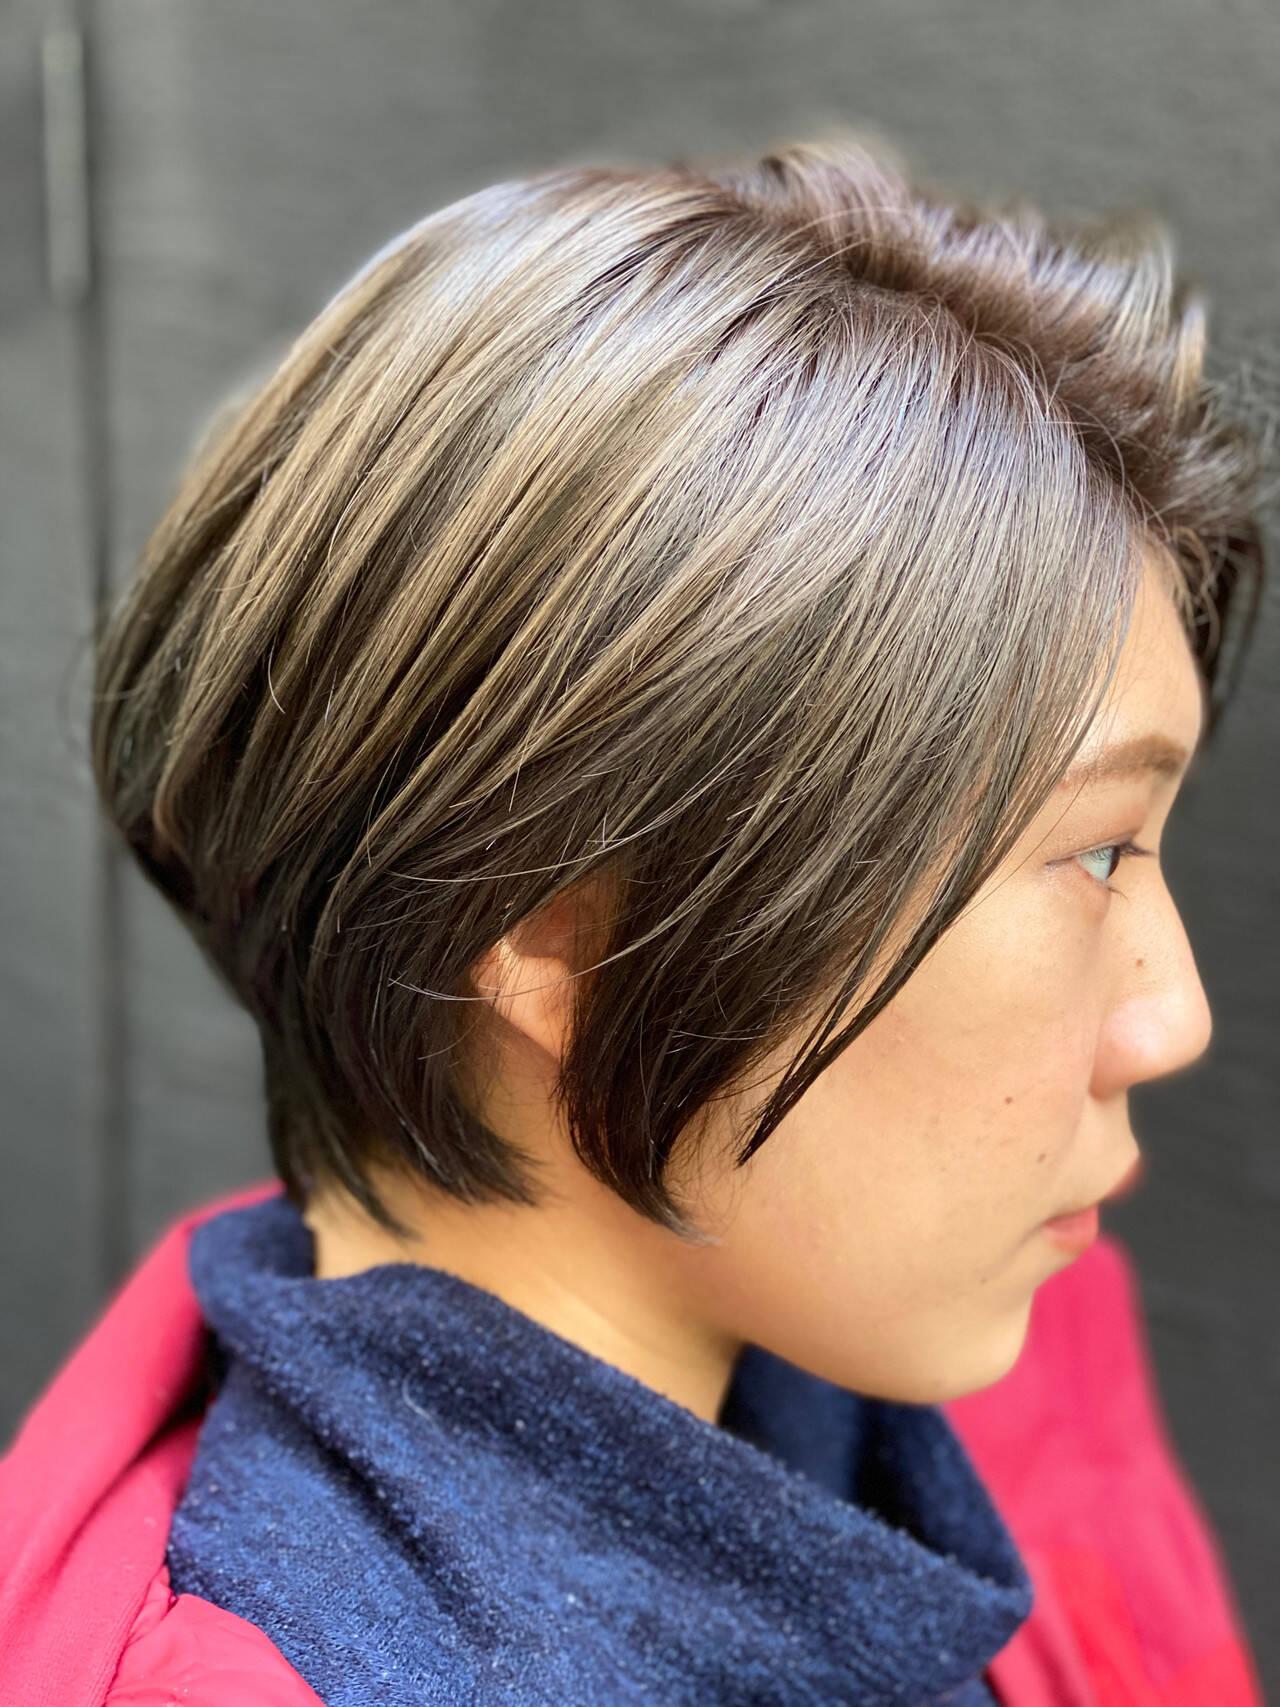 ボブ ハンサムバング ナチュラル ショートボブヘアスタイルや髪型の写真・画像